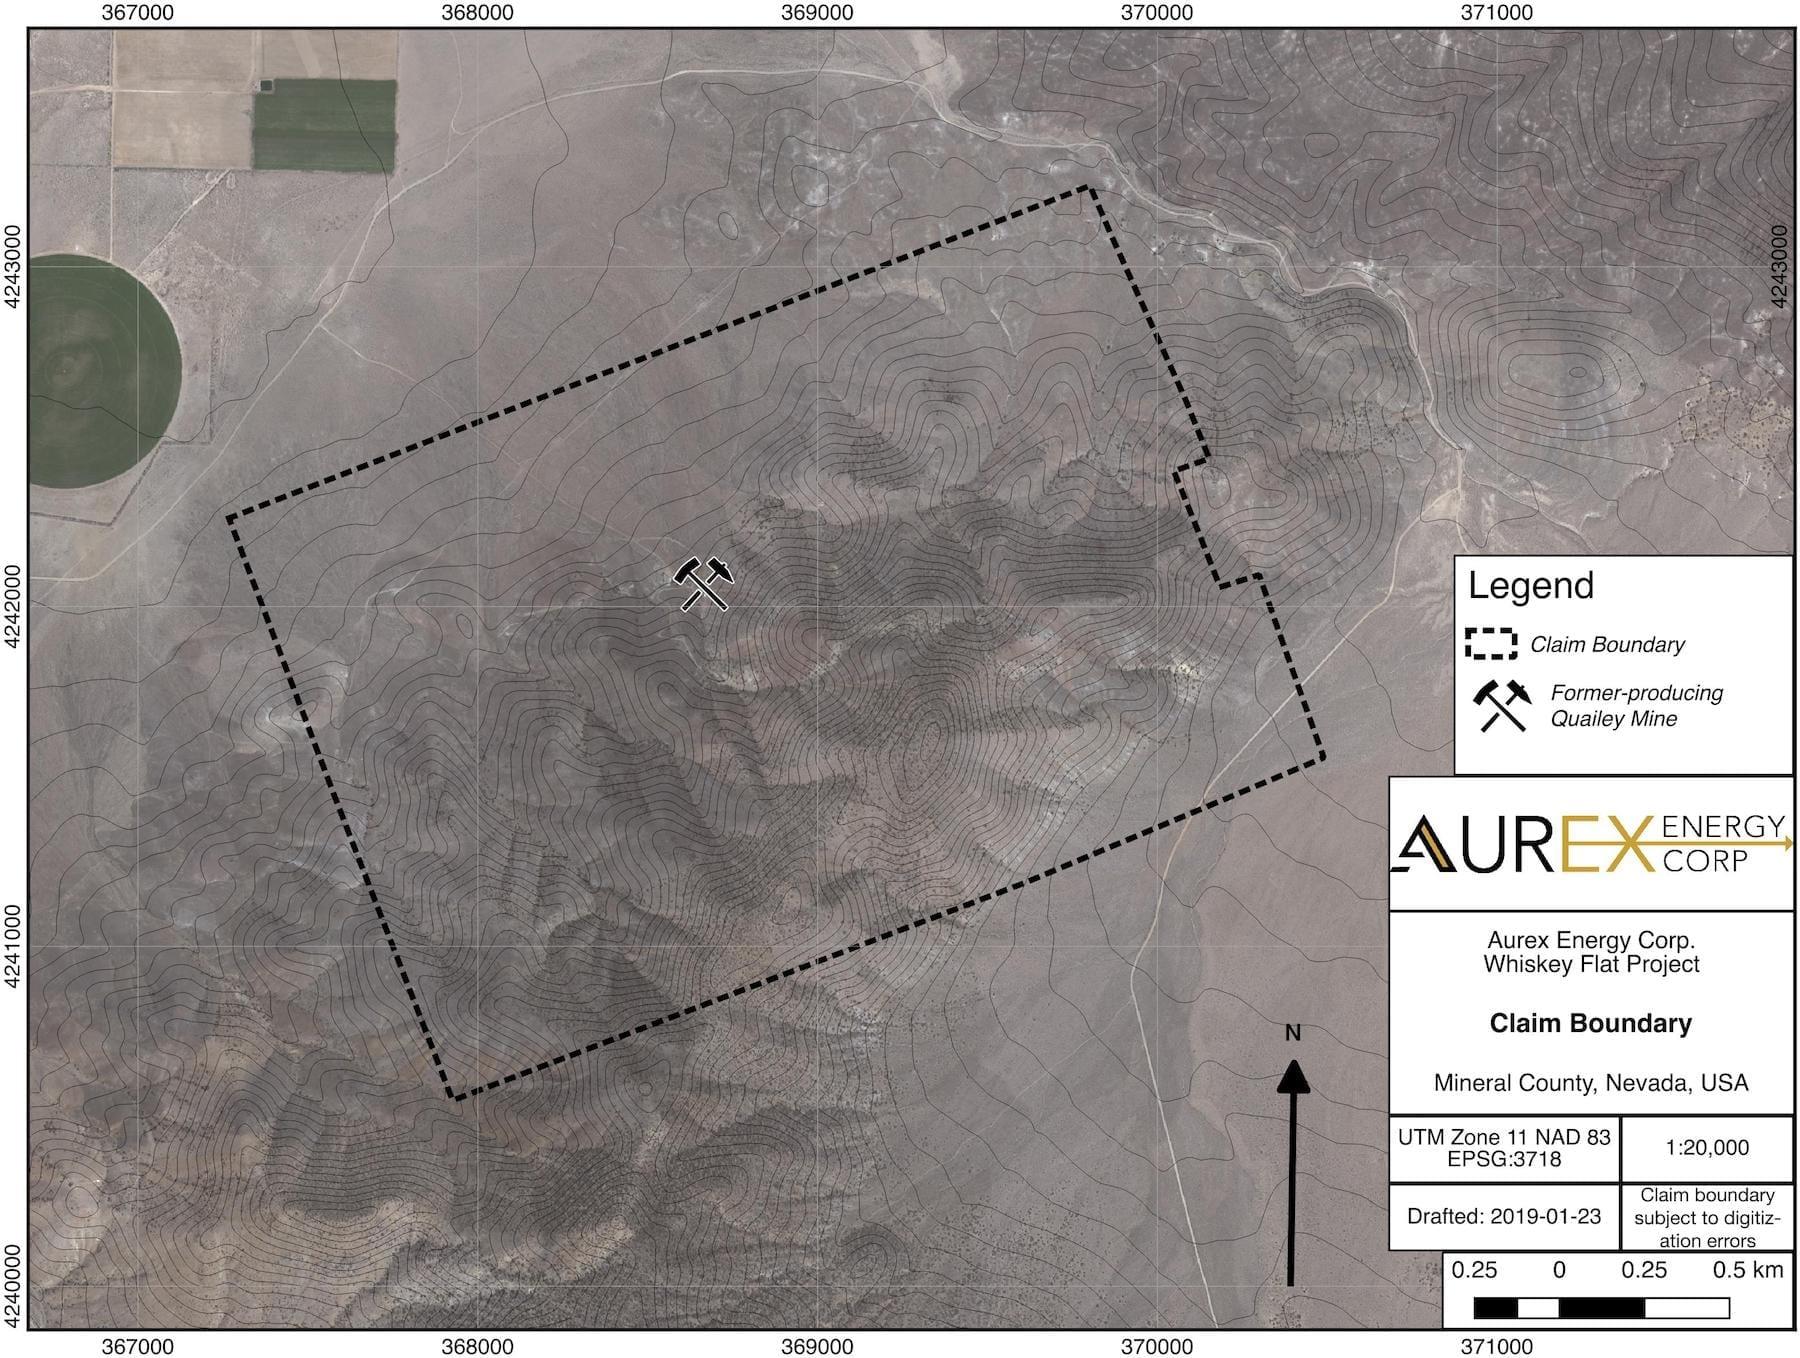 aurex energy claim boundary